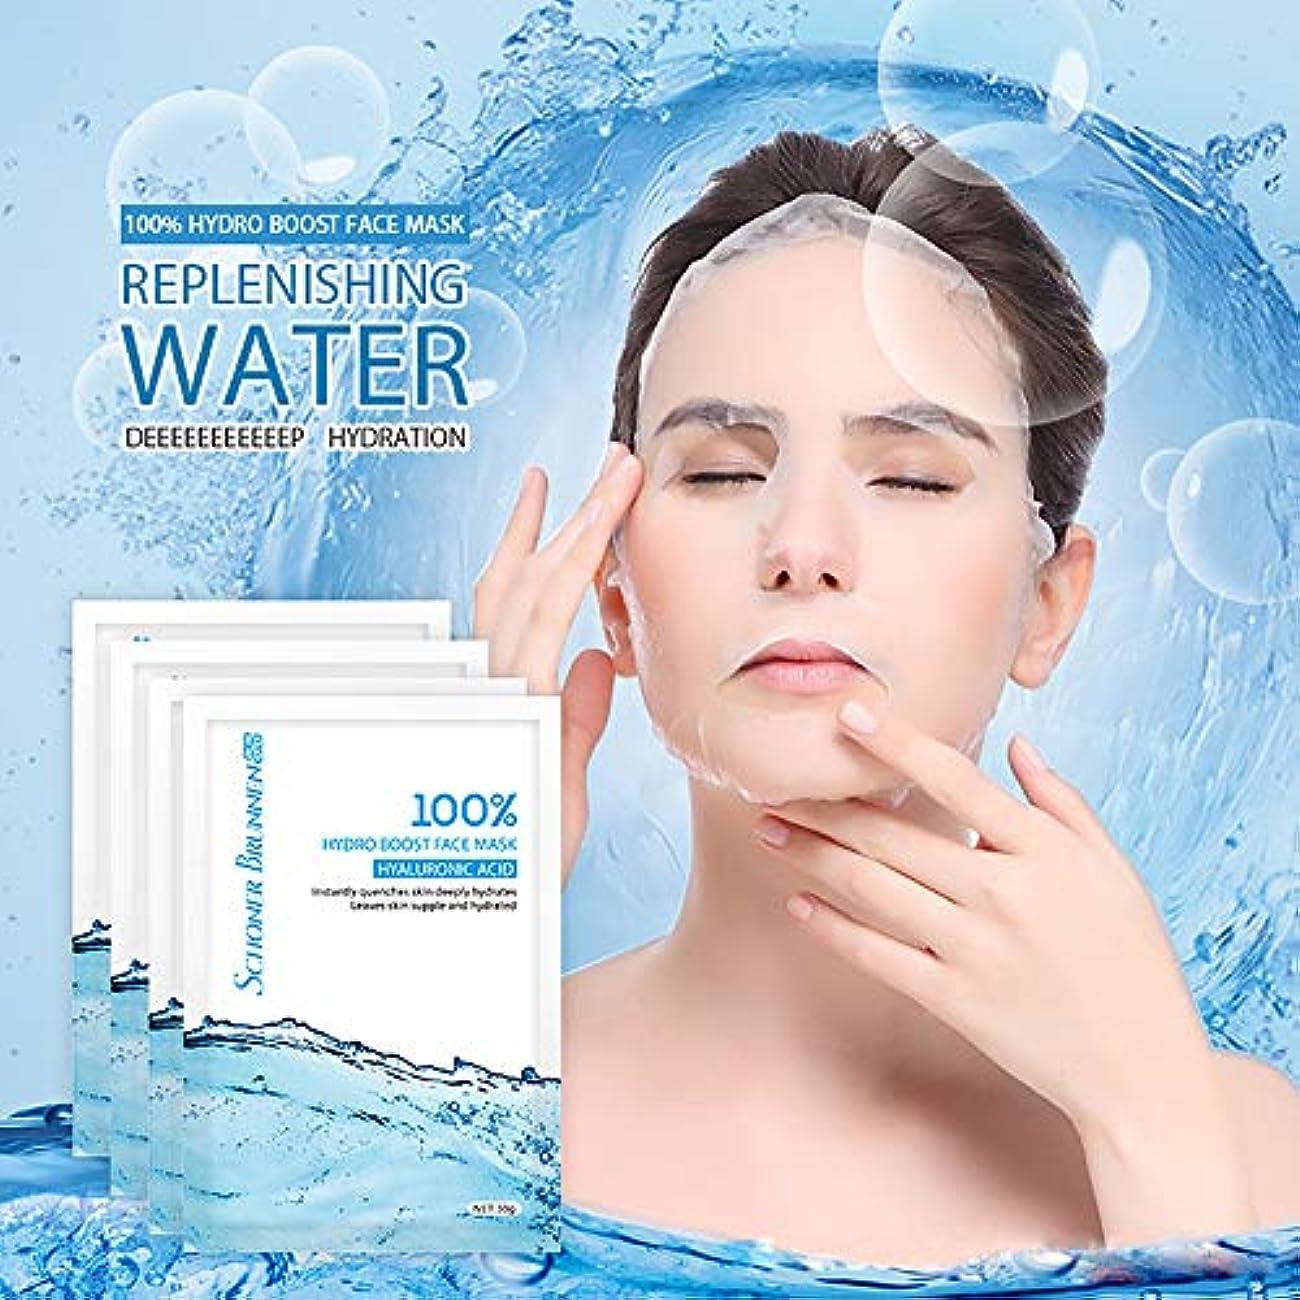 突撃何でも複数ヒアルロン酸エッセンス保湿フェイシャルフェイスマスクシート、フェイスマスクによるディープモイスチャライジング、幹細胞抽出物によるアンチエイジングアンチリンクル